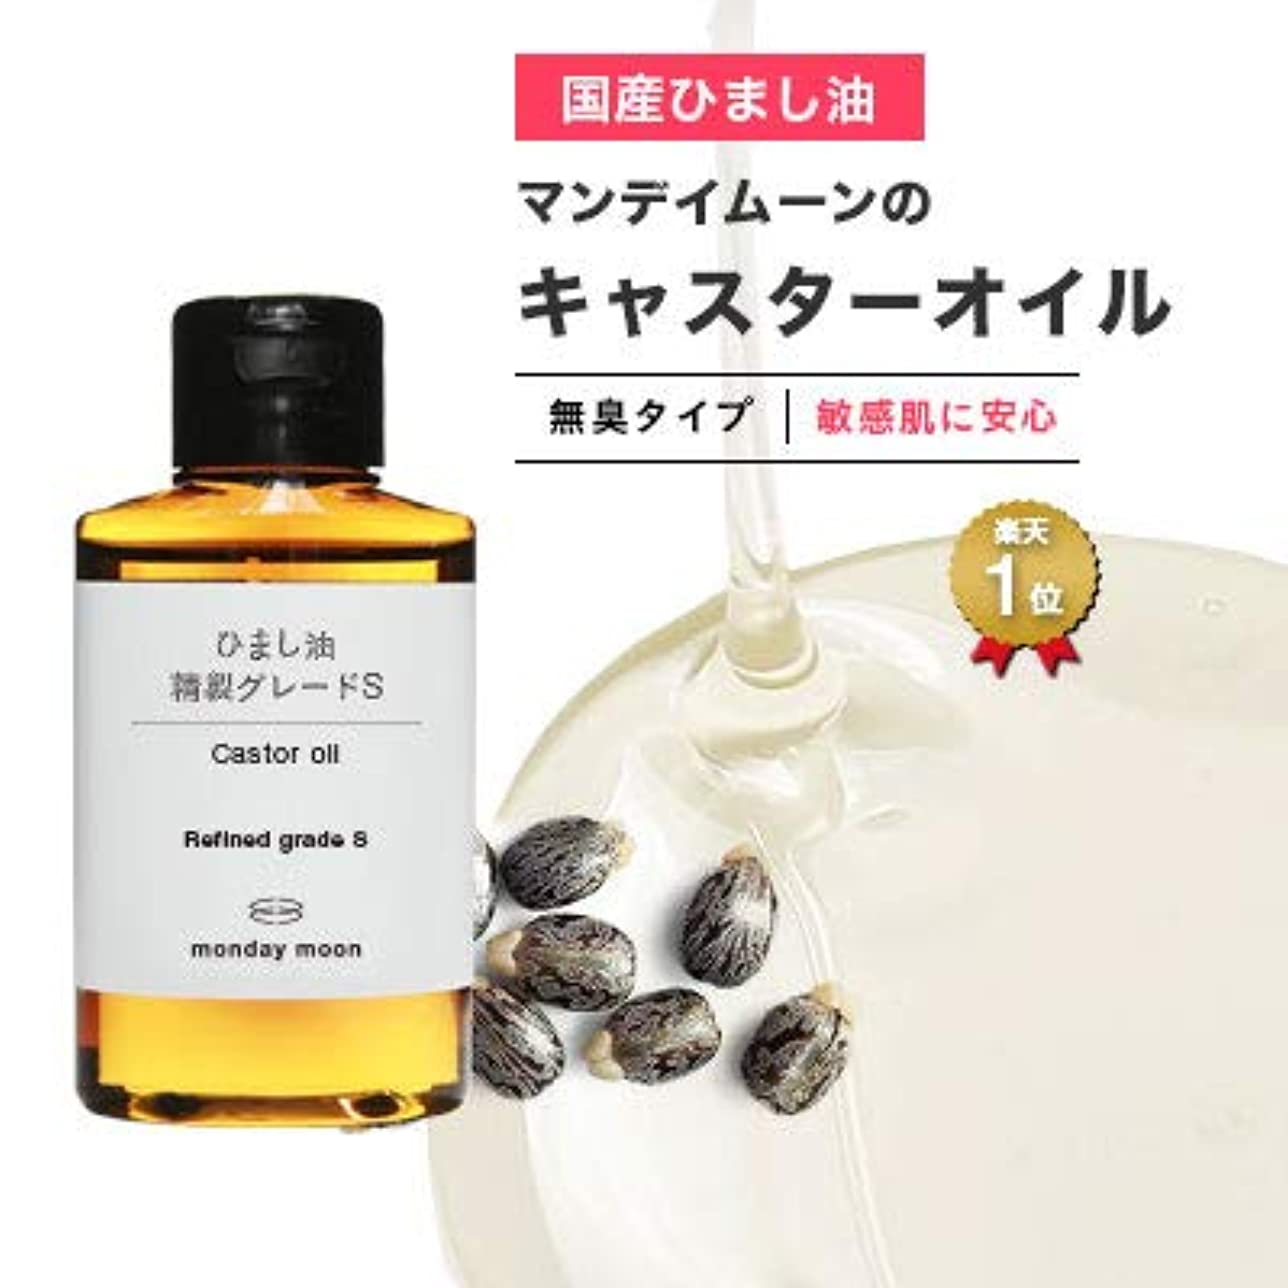 衰えるベテラン良いキャスターオイル?精製グレードS(ひまし油)/50ml